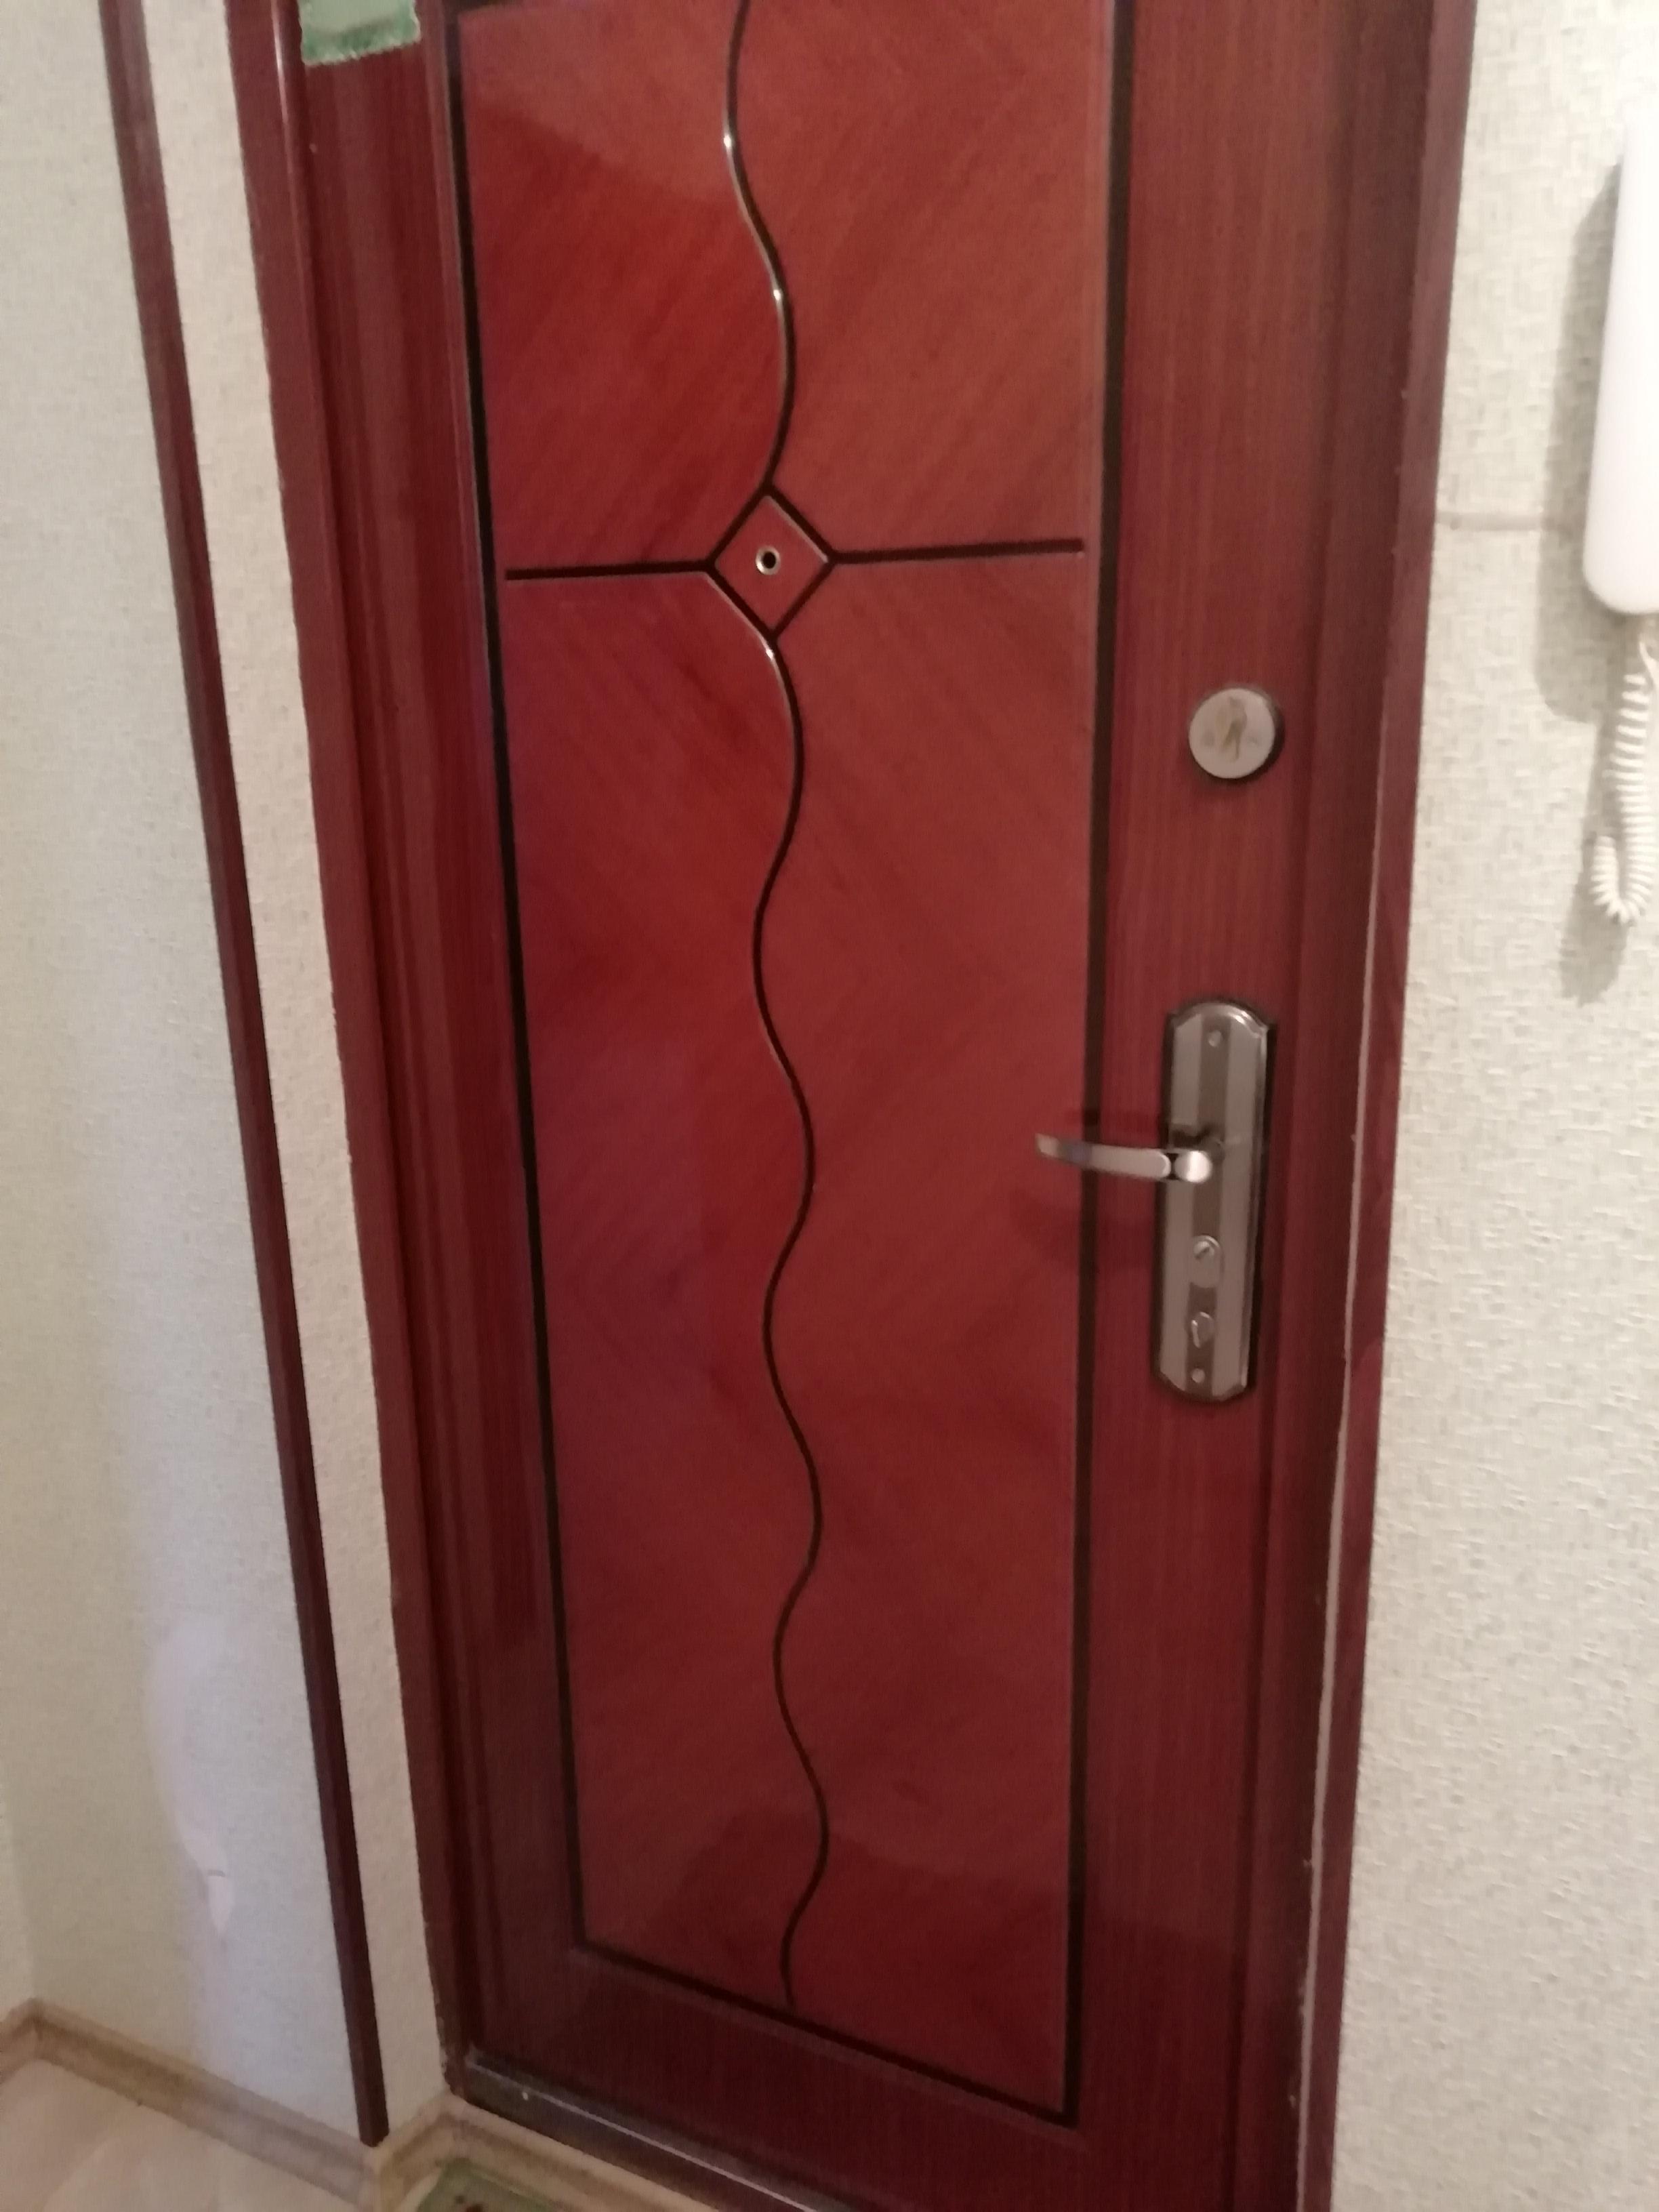 Двухкомнатная квартира - ул. Рокоссовского, д. 2